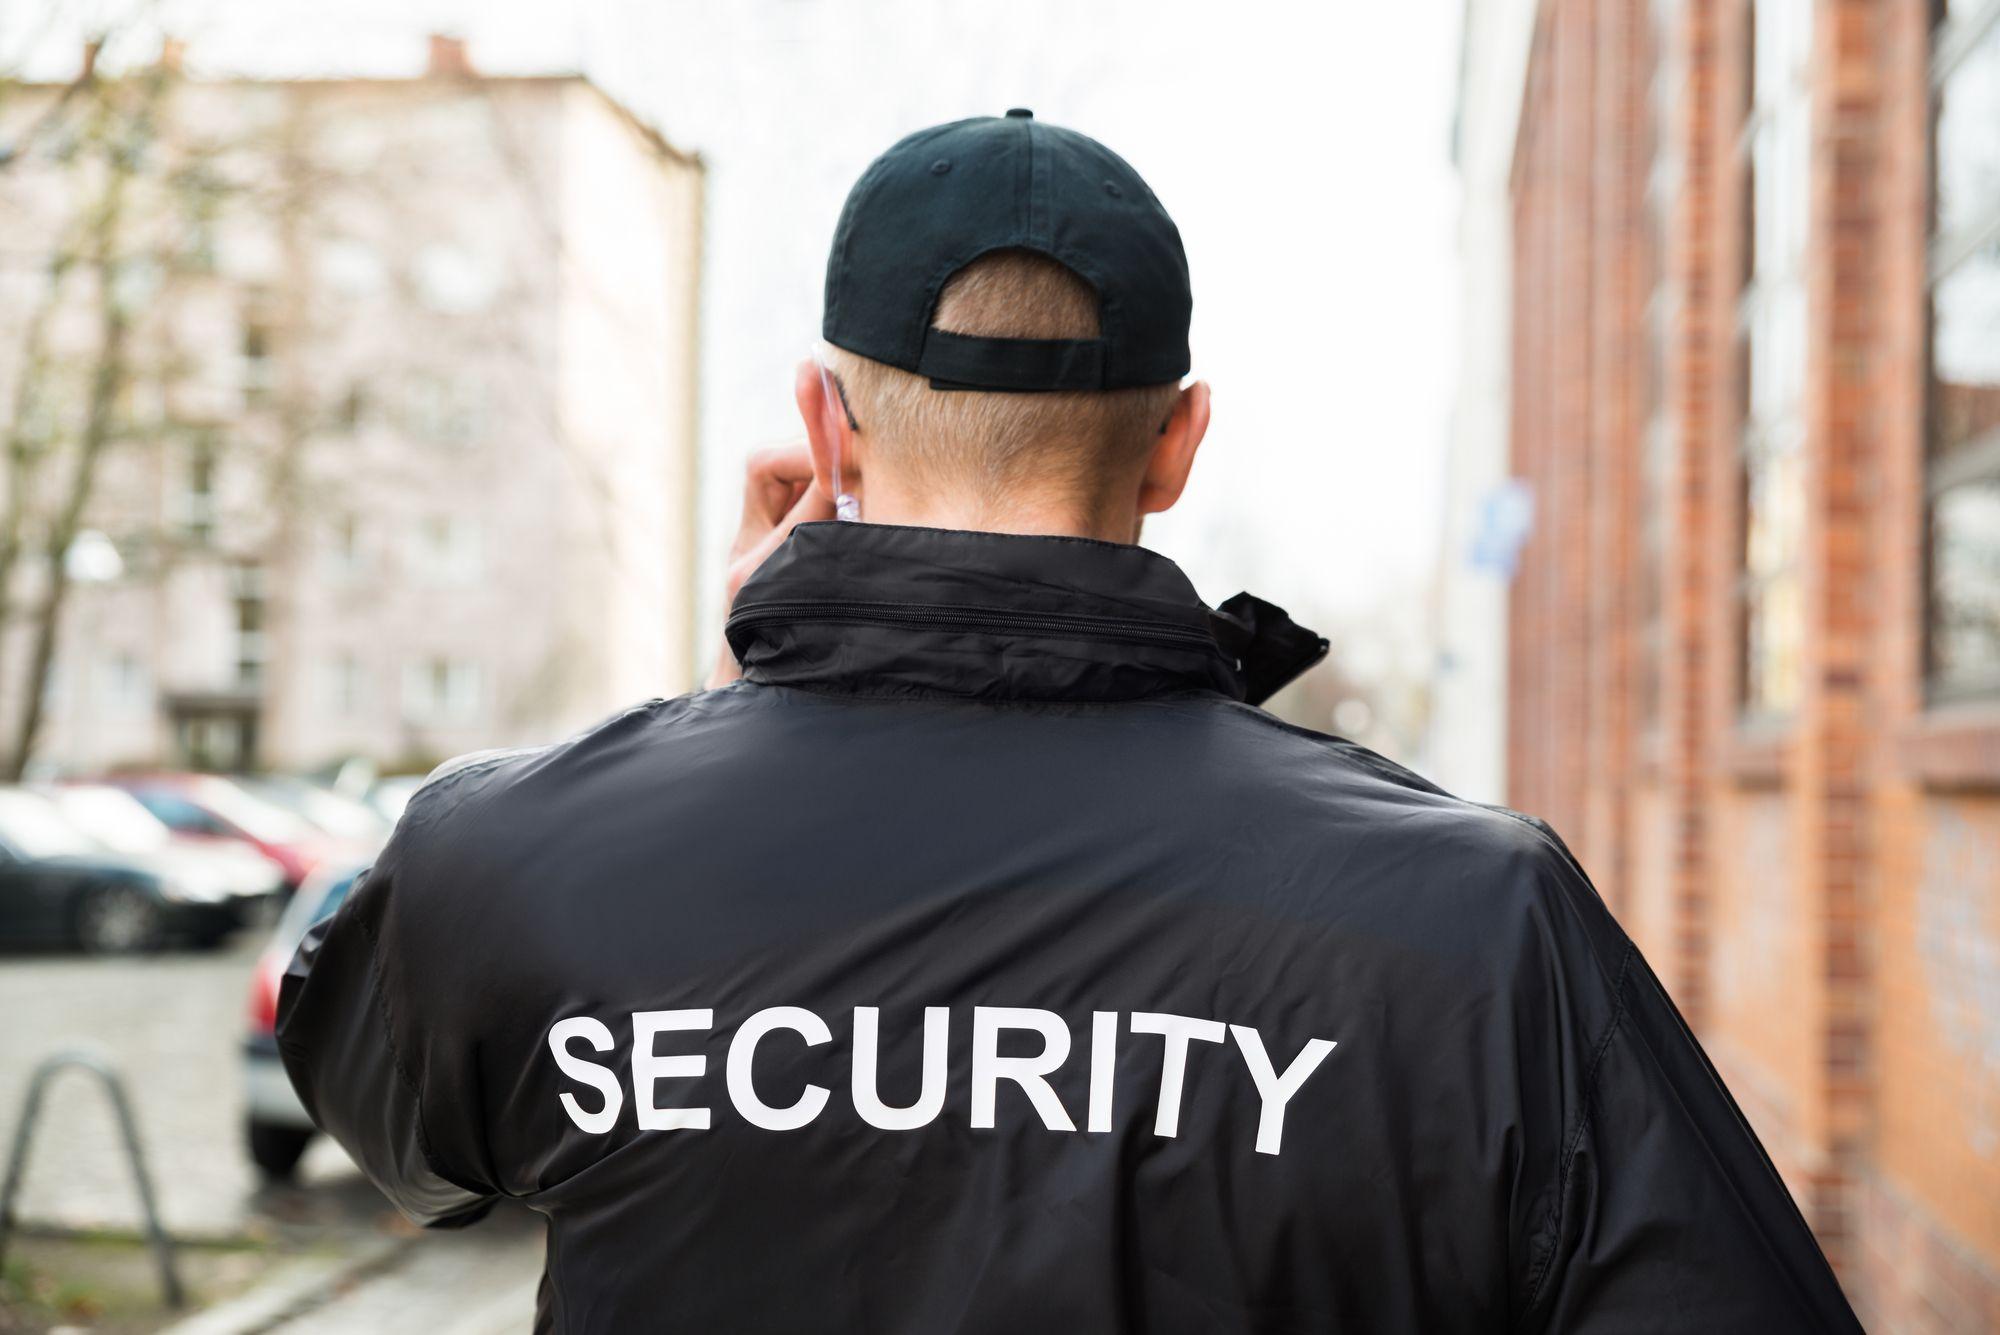 חברת אבטחה טובה ואמינה תזהה ותעצור כל סכנה בזמן Security